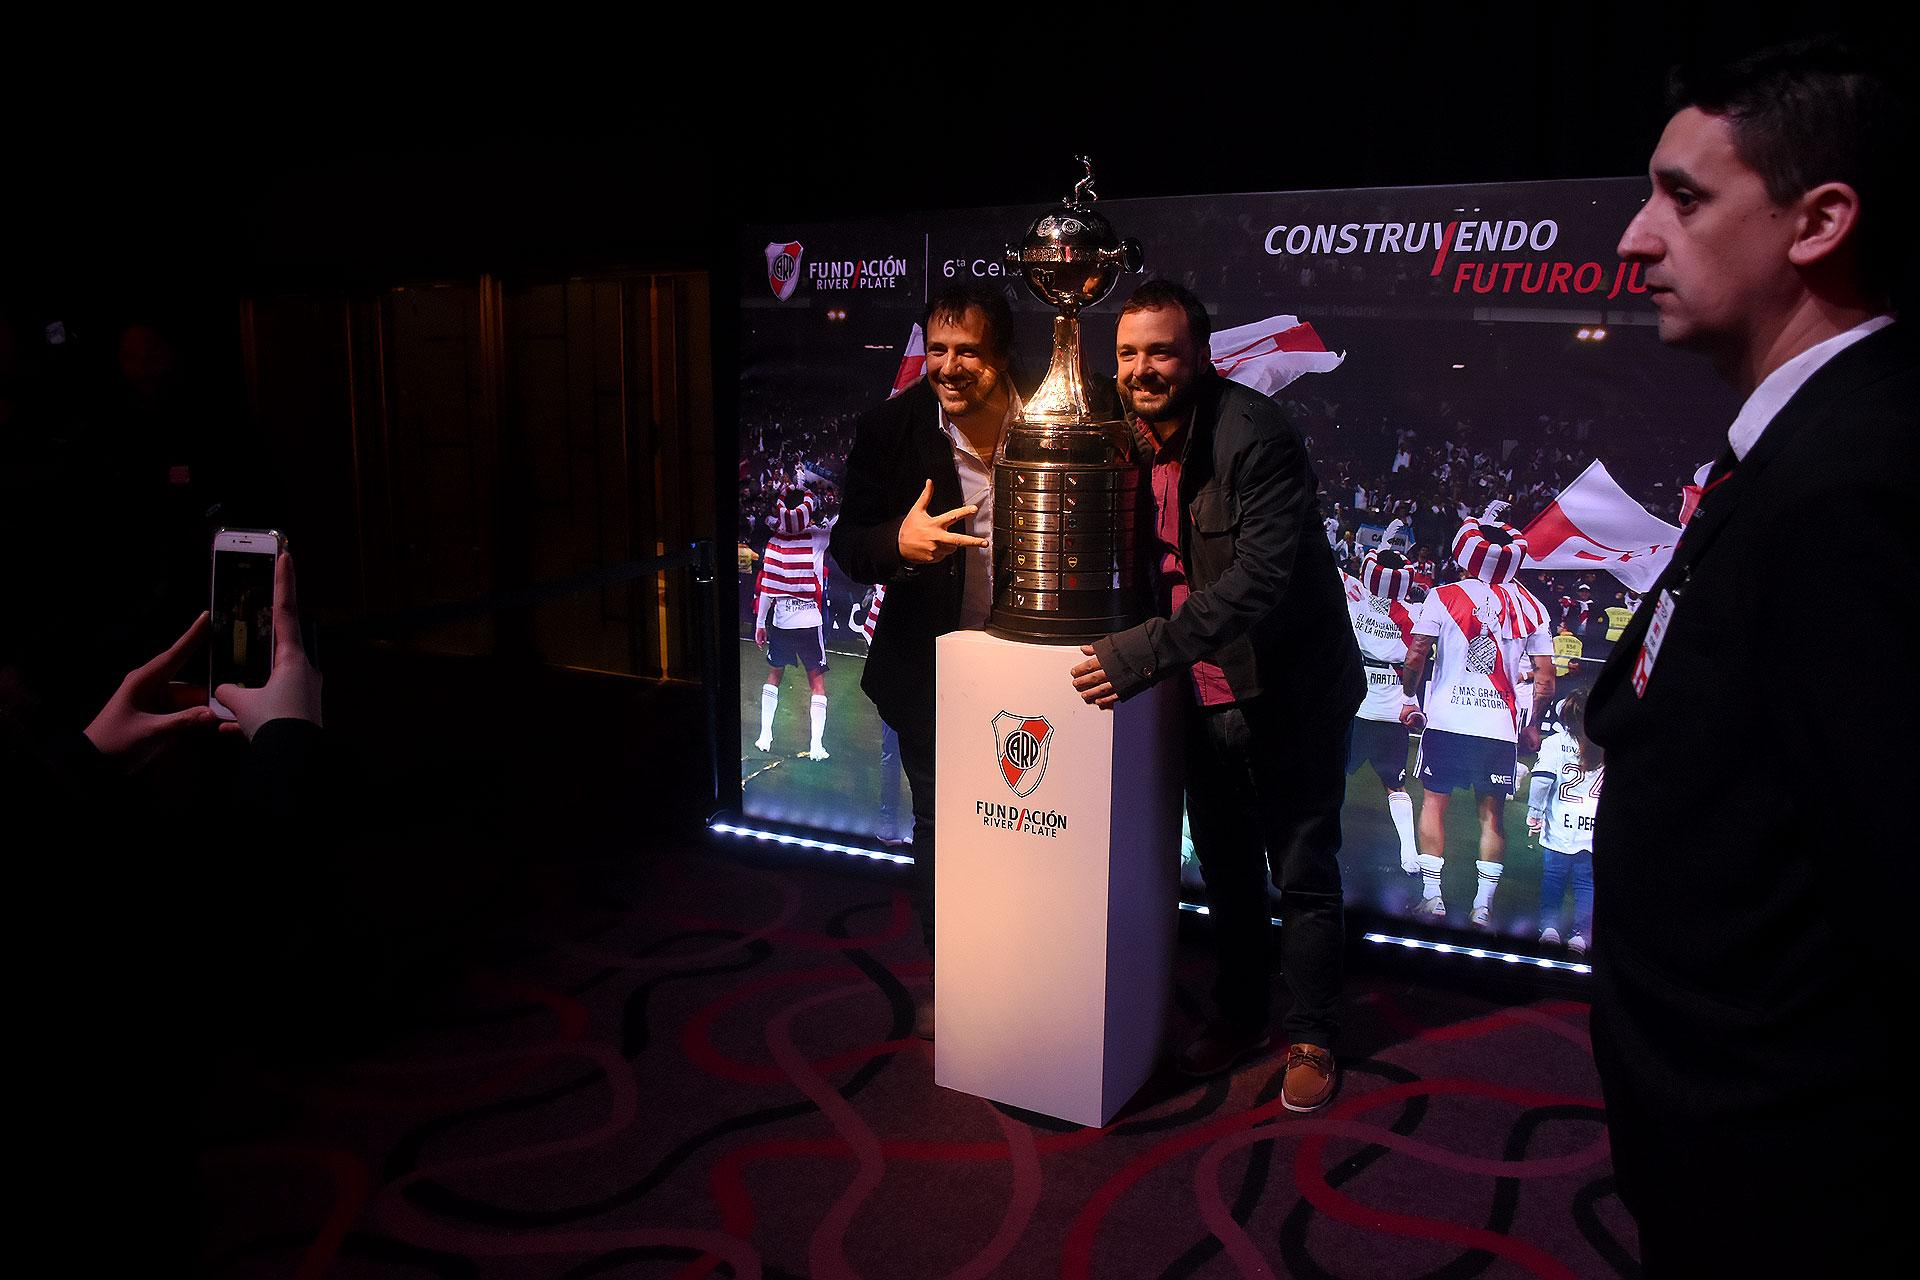 La emoción de los hinchas posando con la Copa Libertadores